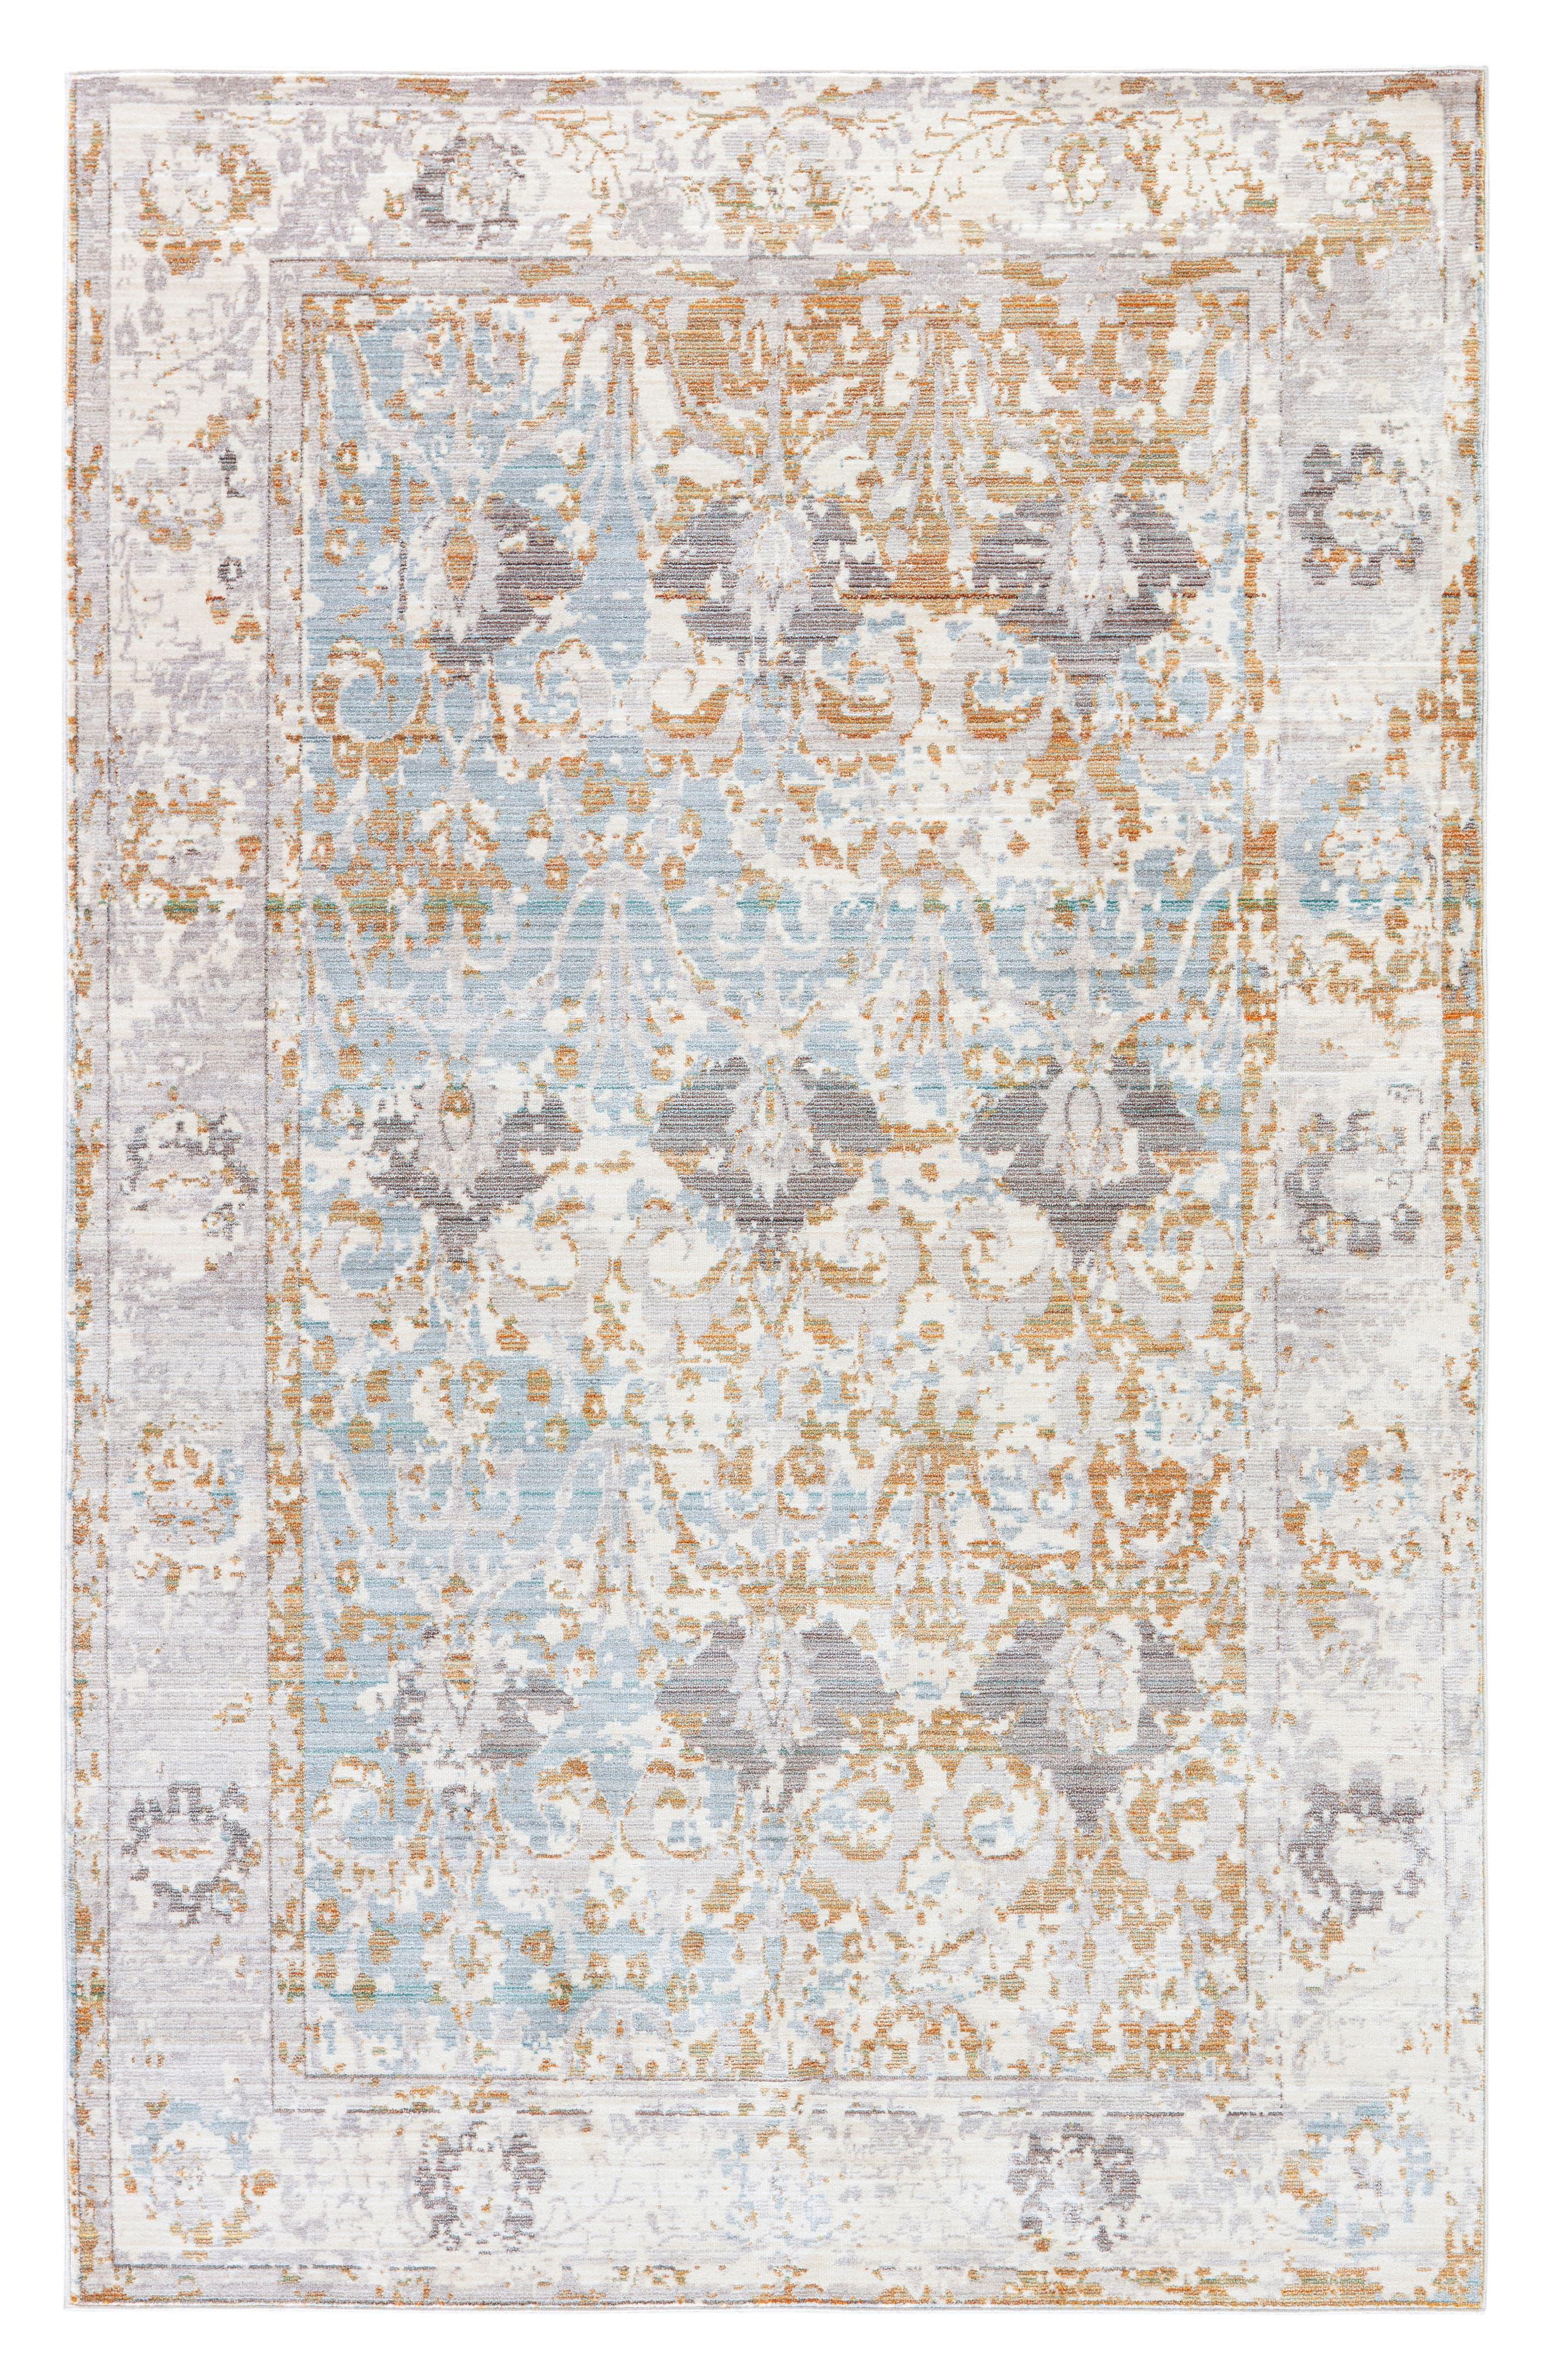 Antique Collector Rug,                             Main thumbnail 1, color,                             GREY/ SILVER